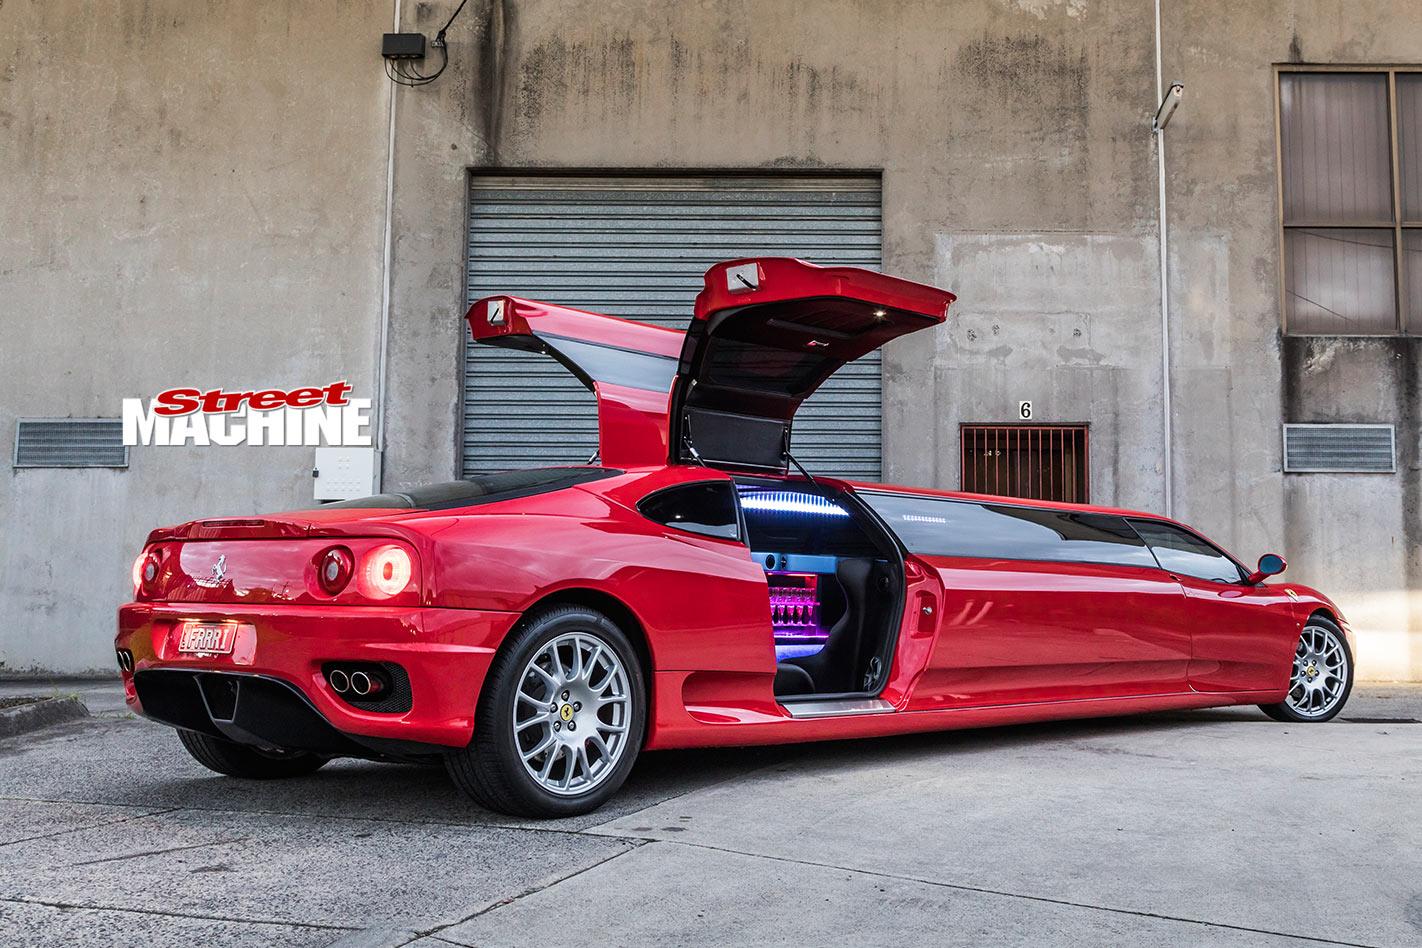 Stretch Ferrari limo rear